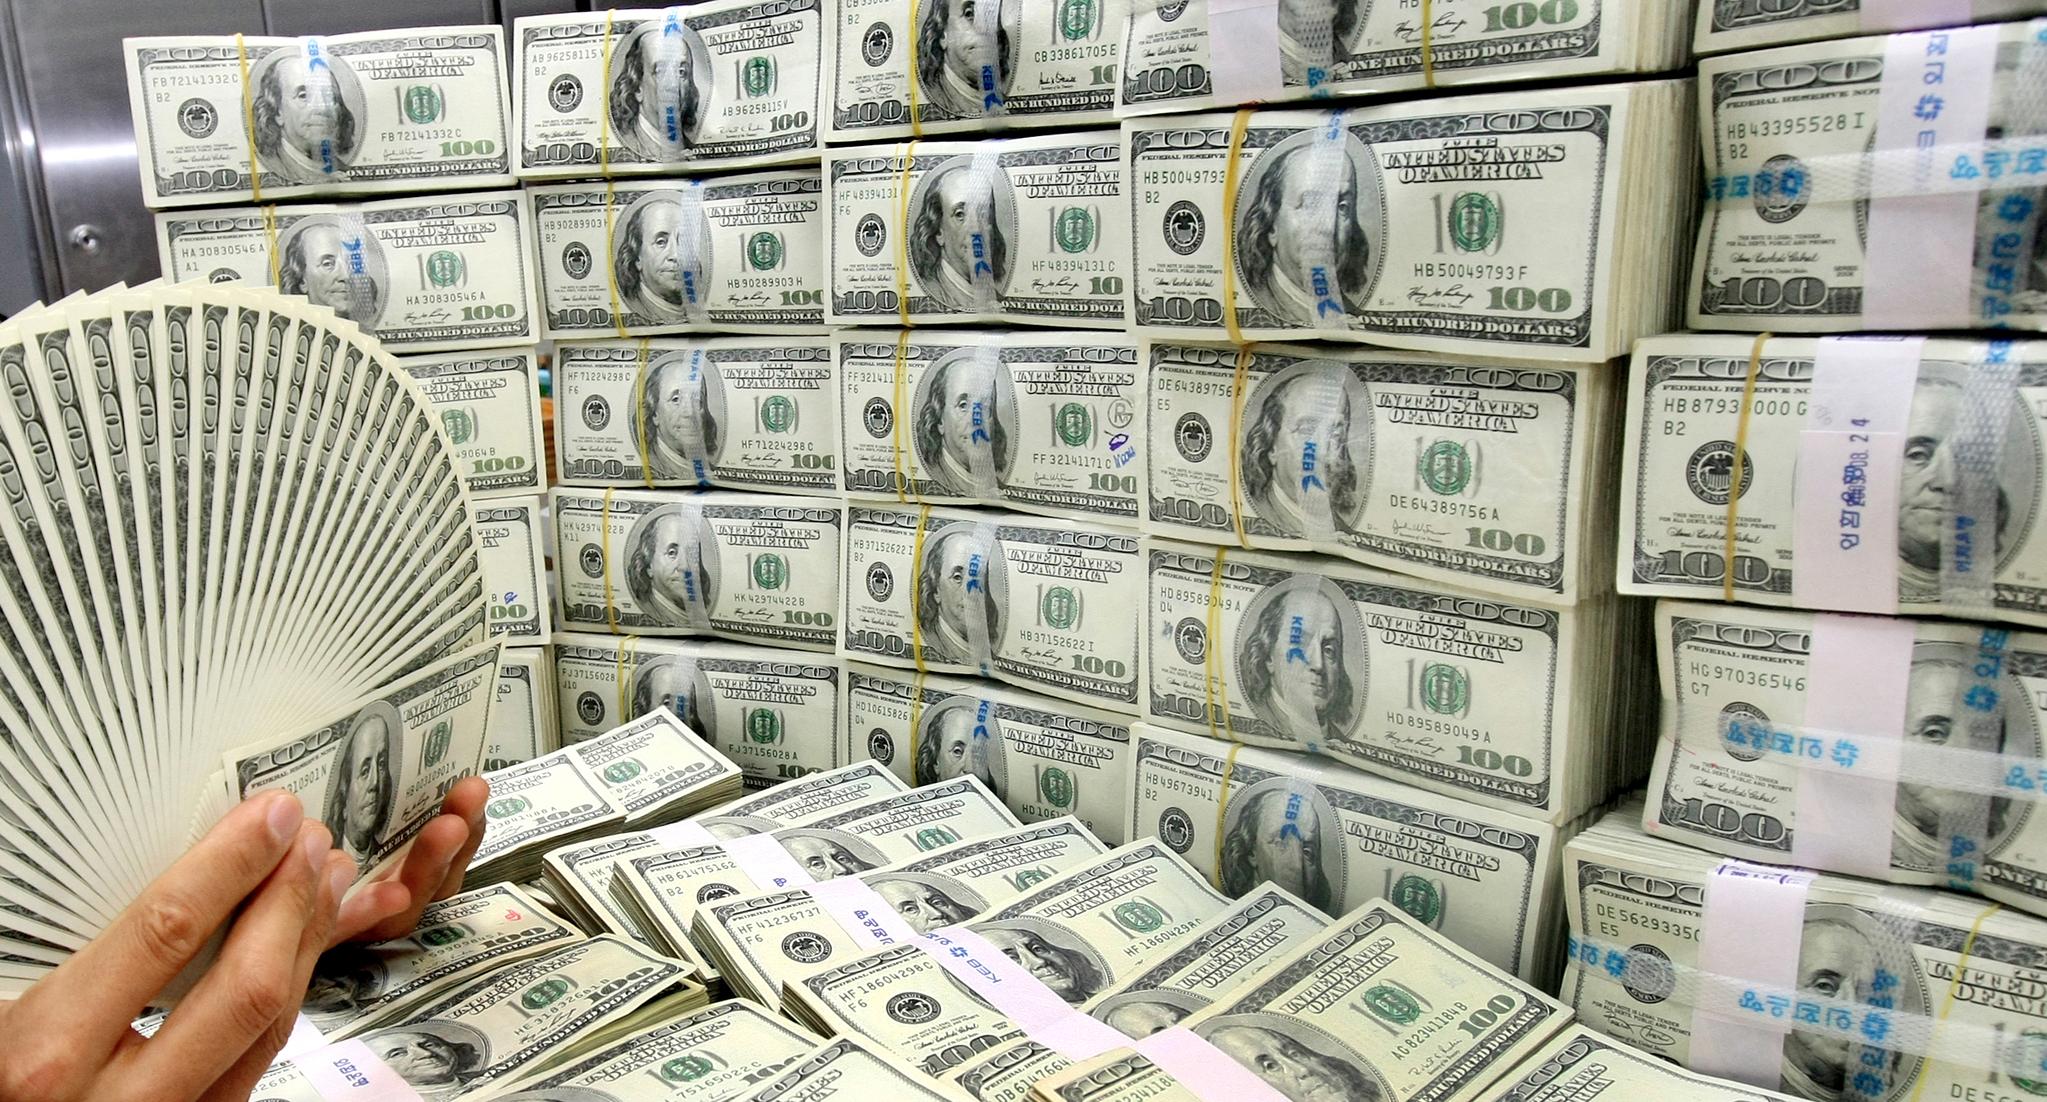 2008년 글로벌 금융위기를 우리 경제도 피해갈수는 없었다. 다만 두번의 외환위기는 없었다. 2009년 8월말기준 한국은행에 따르면 외환보유액이 2454억 6000만달러로 리먼브러더스 파산 직전인 2008년 8월말 기준 2432억달러를 넘어섰다. 사진은 당시 외환은행 달러 자료사진. [연합뉴스]